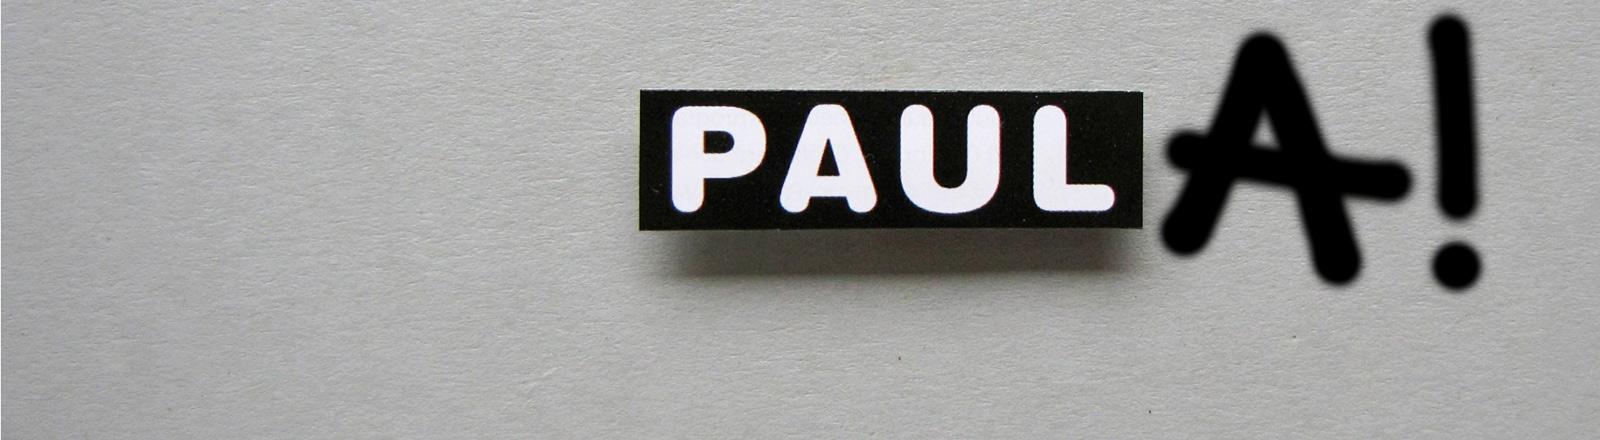 Der Name Paul handschriftlich zu Paula ergänzt